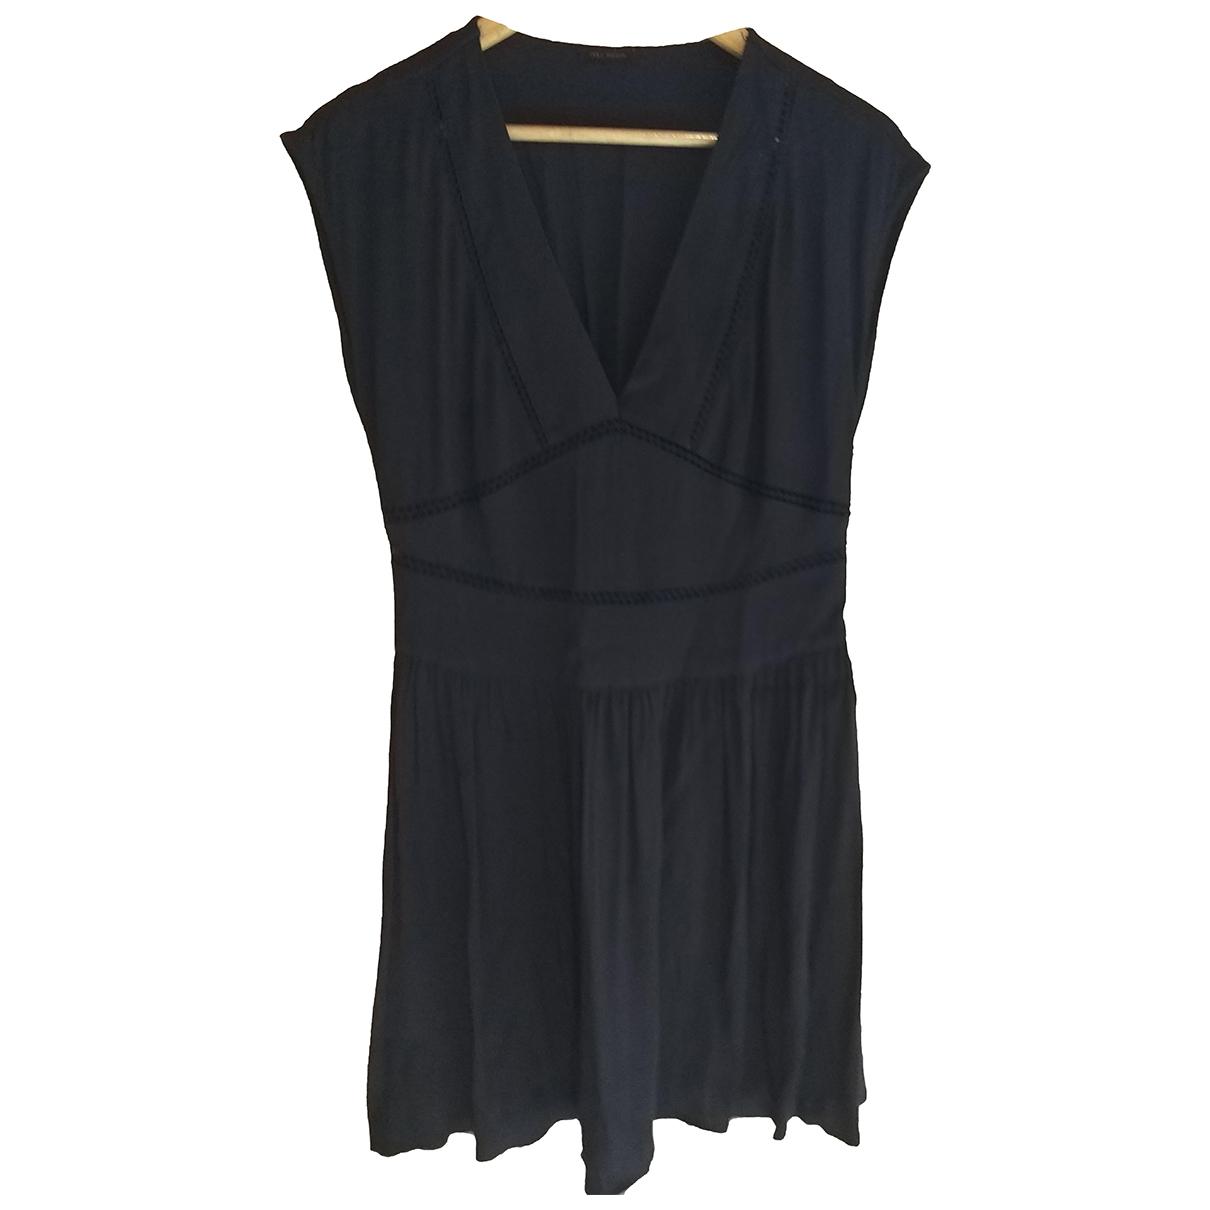 Ikks \N Blue dress for Women 38 FR